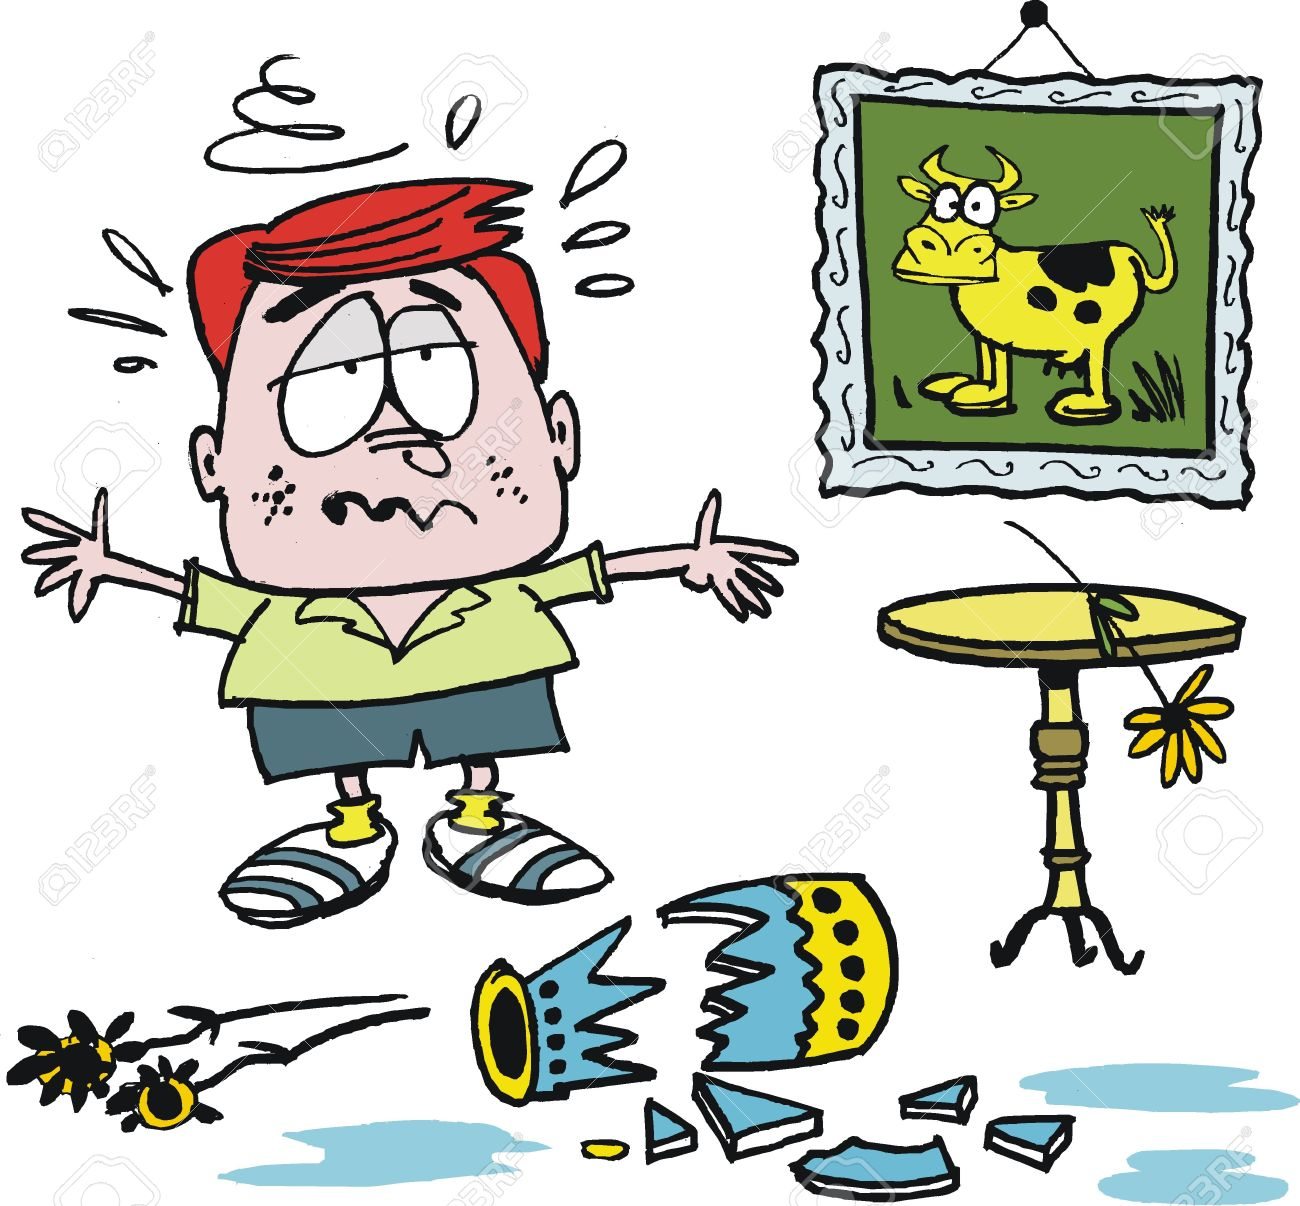 Vector cartoon of upset boy with broken vase Stock Vector - 16565593